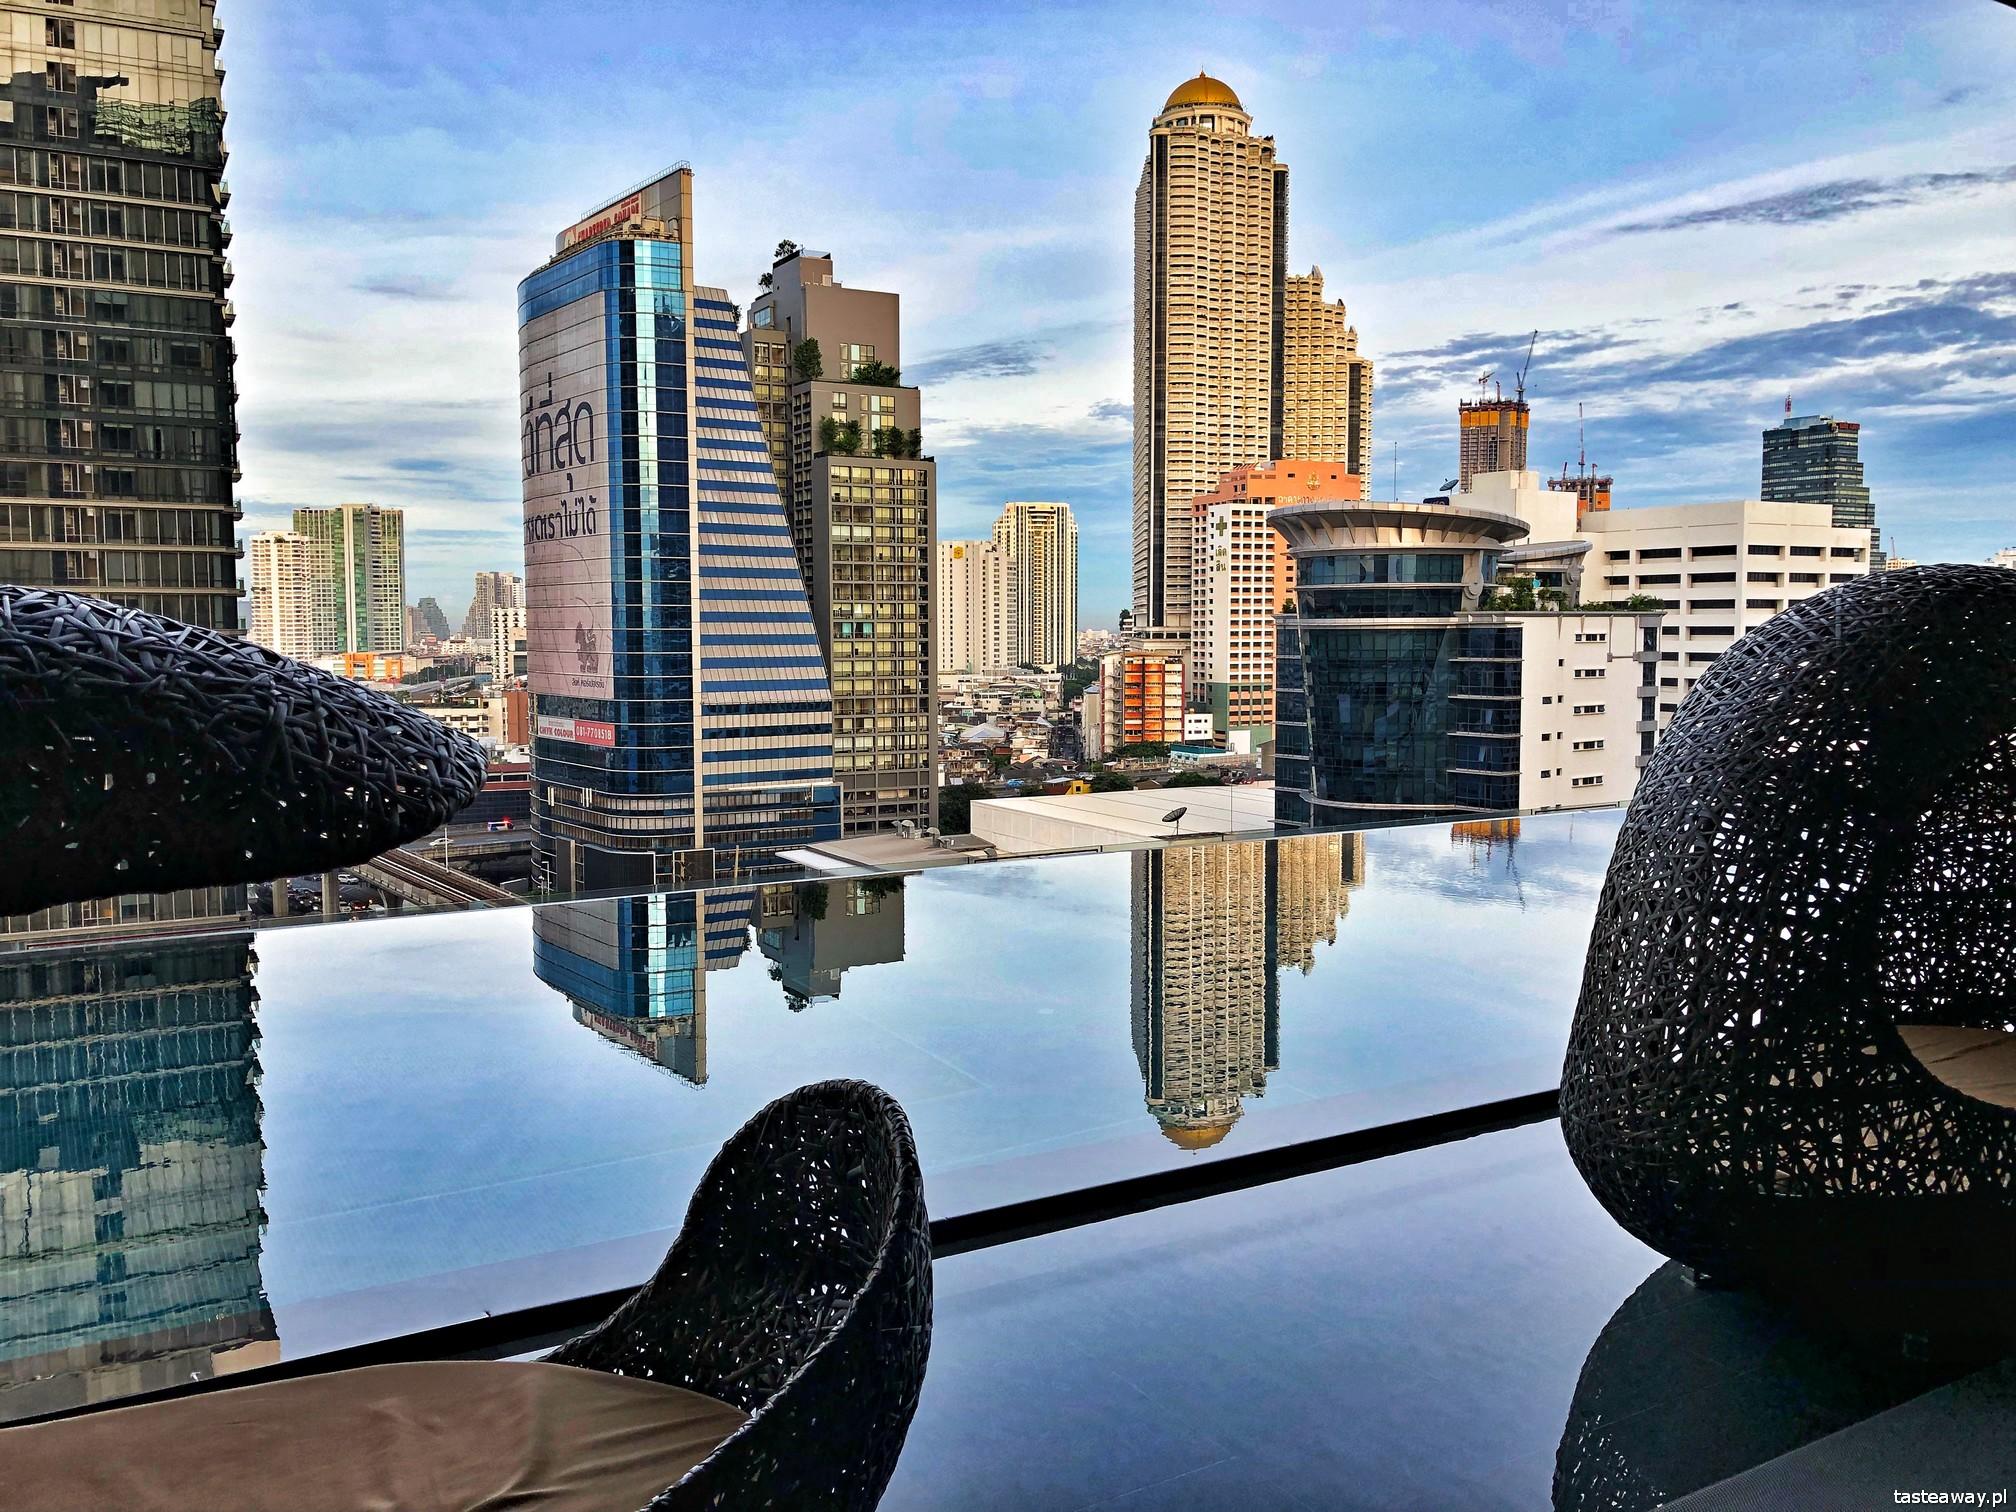 Bangkok, gdzie się zatrzymać w Bangkoku, hotele Bangkok, nocleg w Bangkoku, Eastin Grand Hotel Sathorn, śniadanie, dim sumy